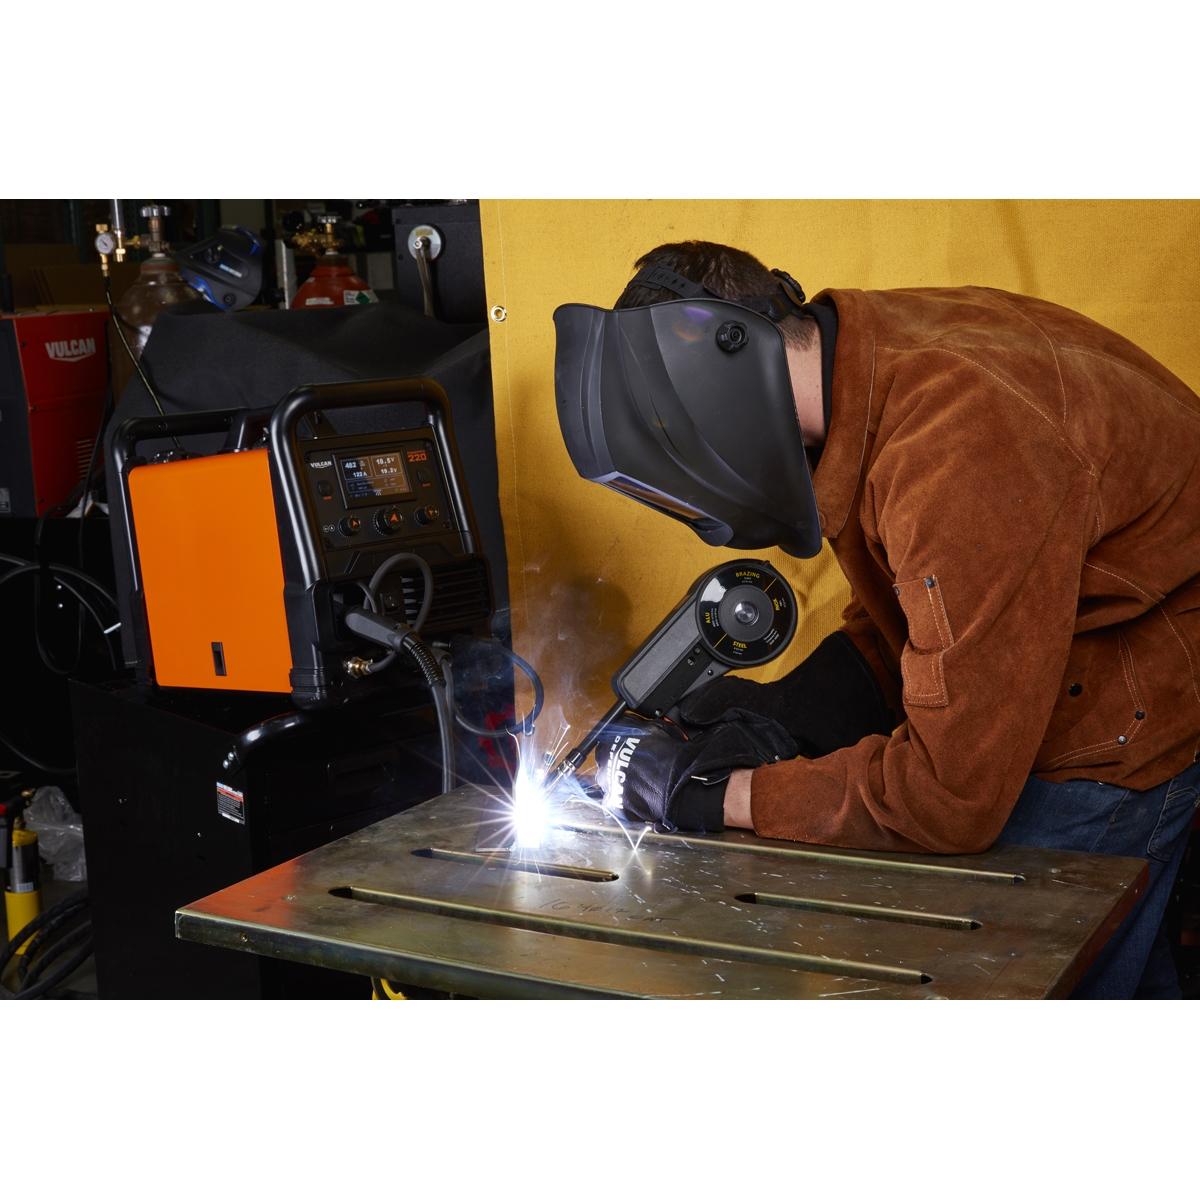 160a Spool Gun Airco Welding Machines Wiring Diagrams